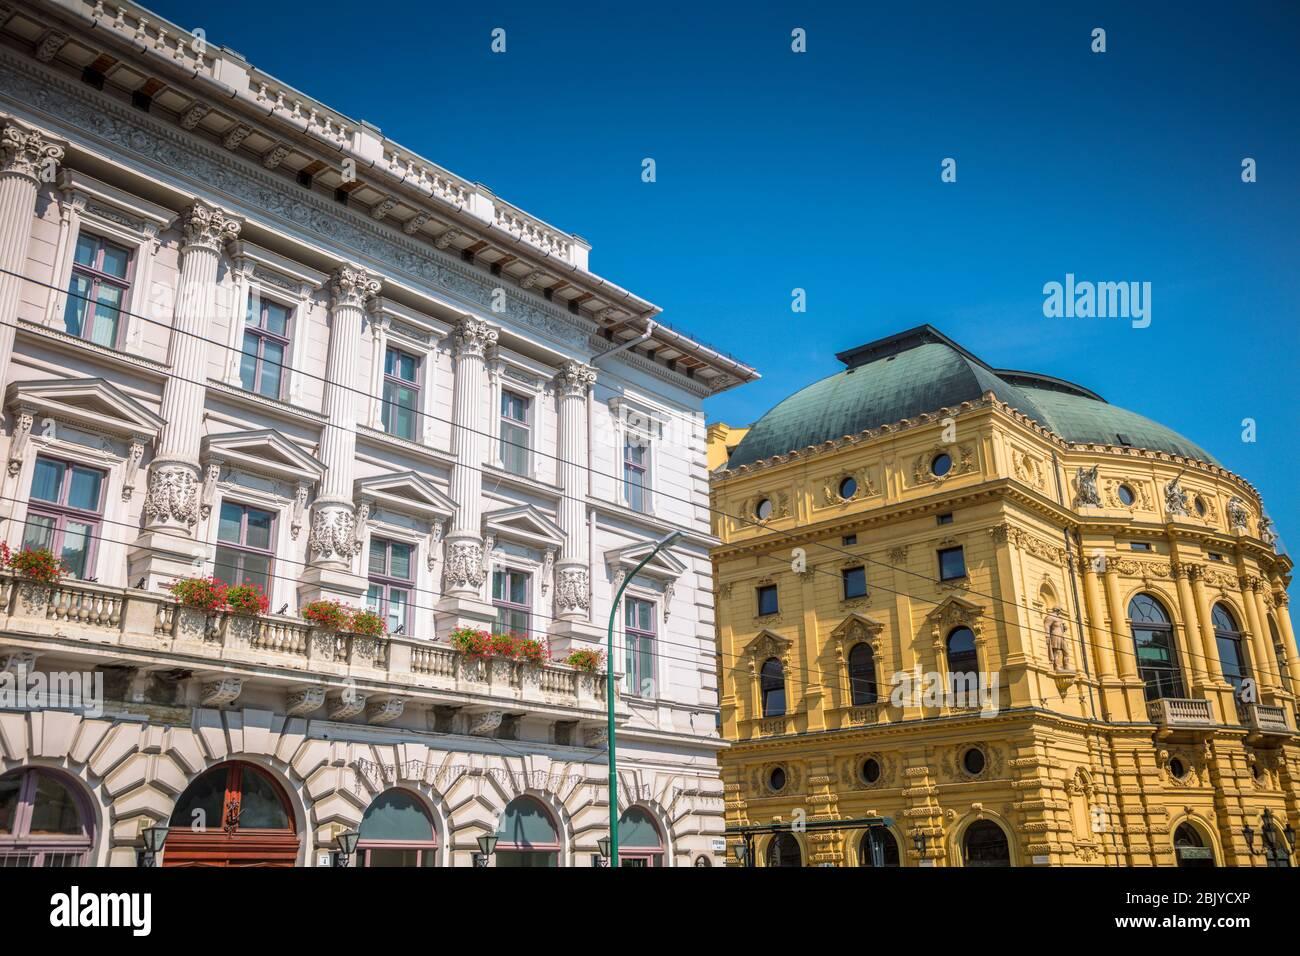 Architecture de Szeged. Szeged, Csongrad, Hongrie. Banque D'Images